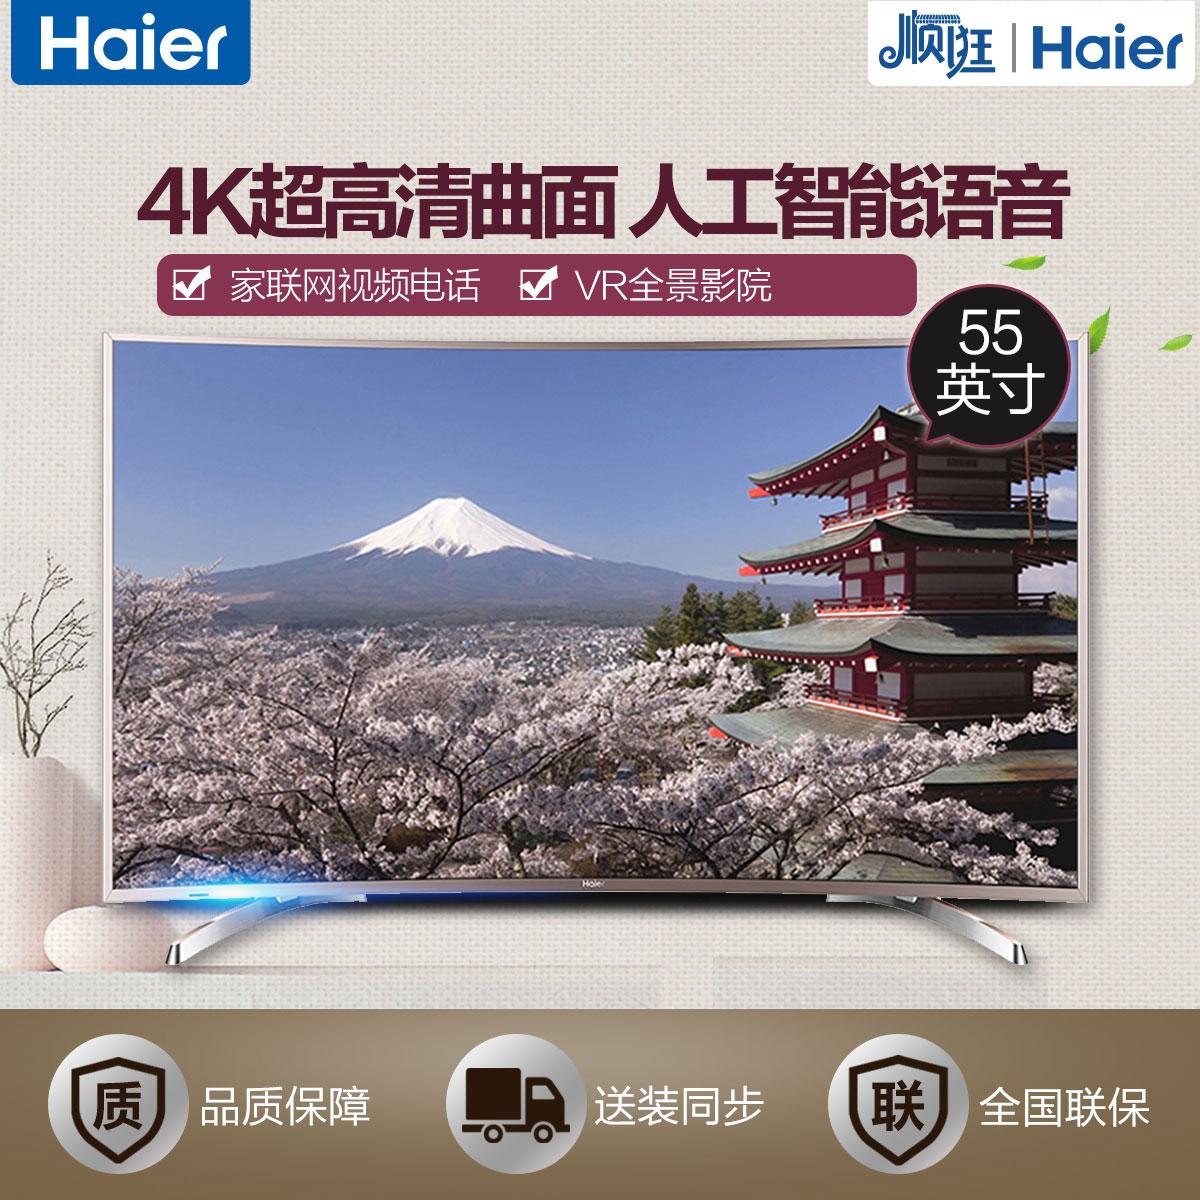 Haier/海尔             曲面屏电视             LQ55AL88U82